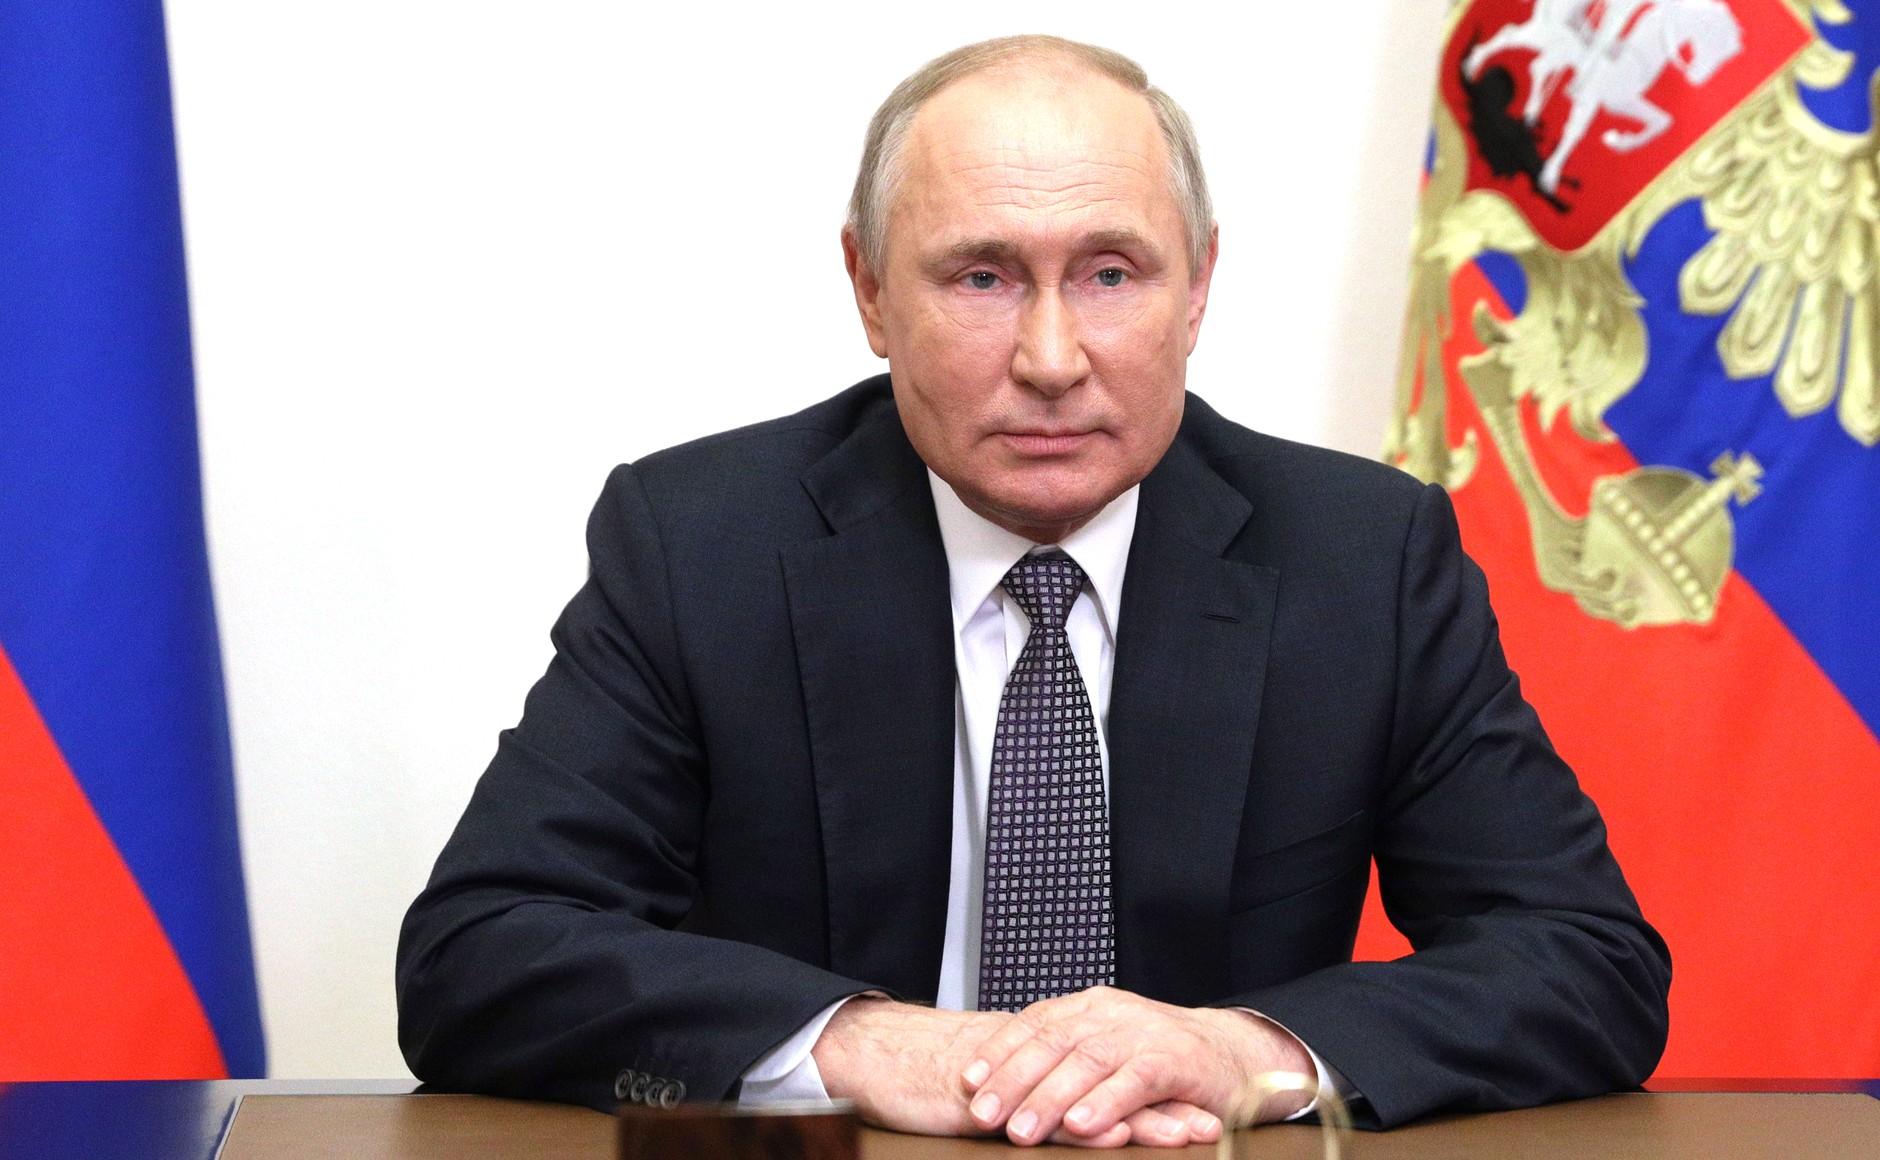 """1120499442405.9304 Путин заявил, что РФ продолжит поддерживать Белоруссию в условиях """"санкционного и политического давления"""""""